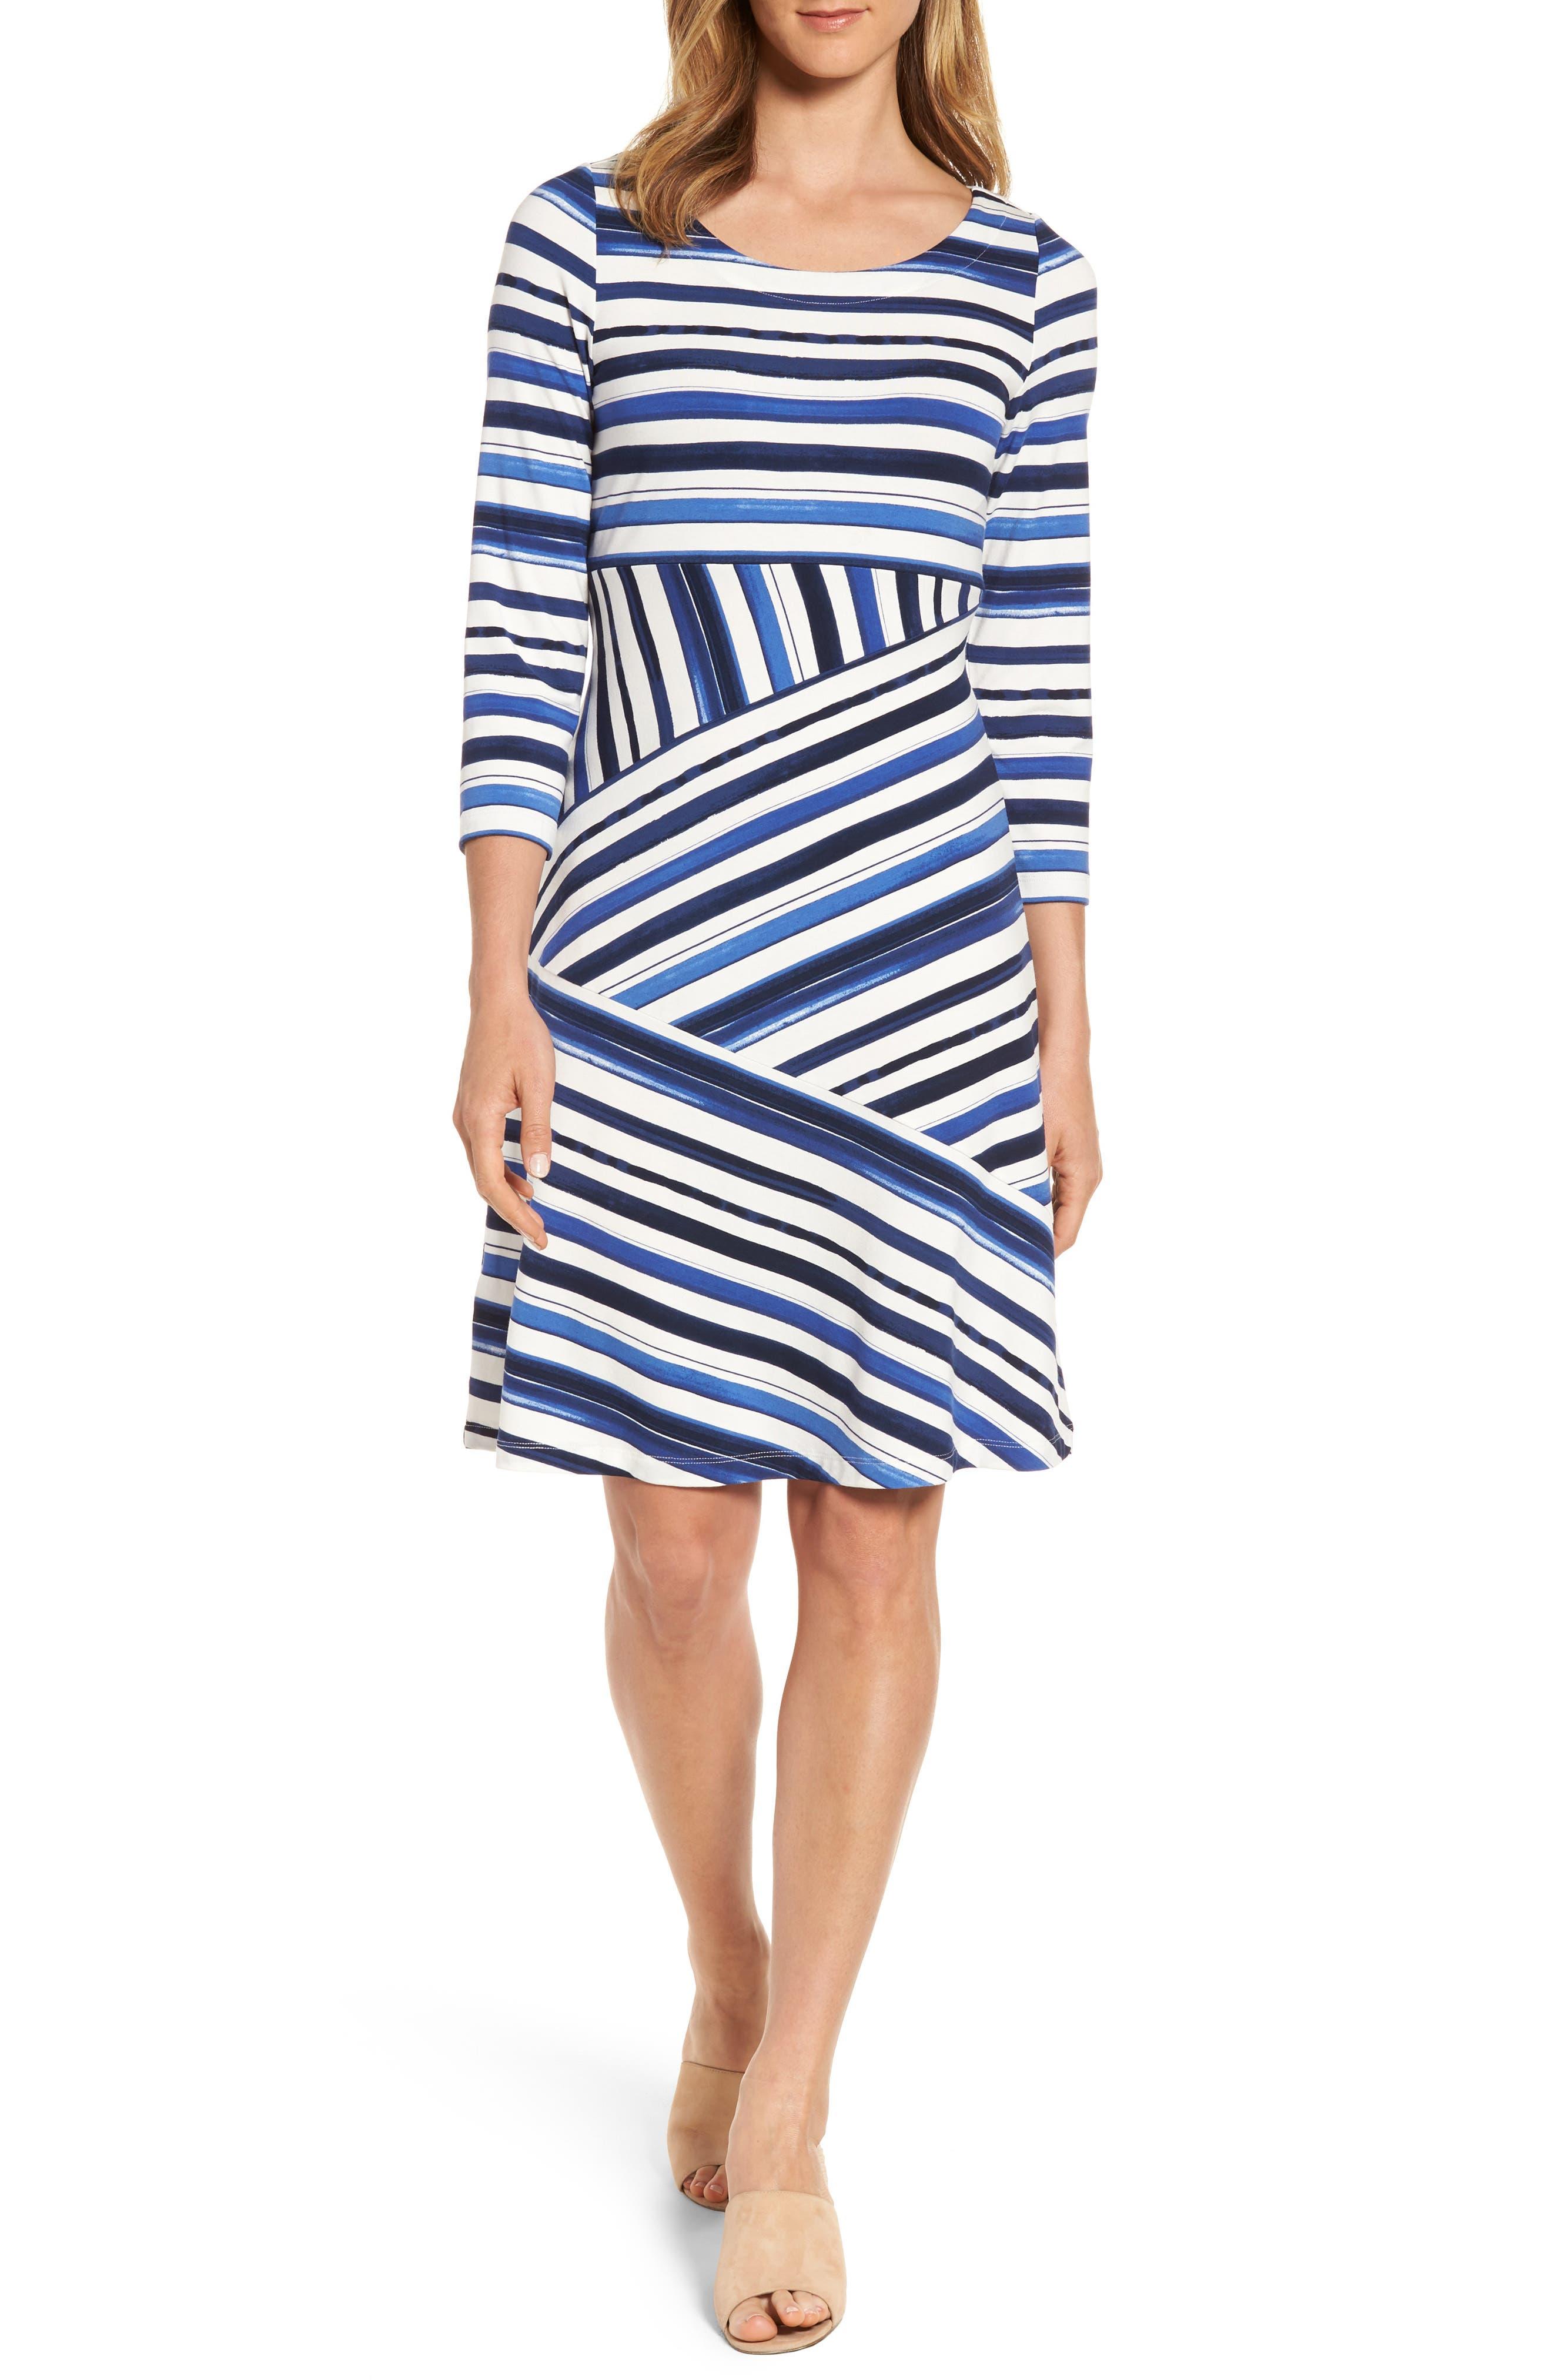 Aquarelle Stripe A-Line Dress,                             Main thumbnail 1, color,                             Eclipse